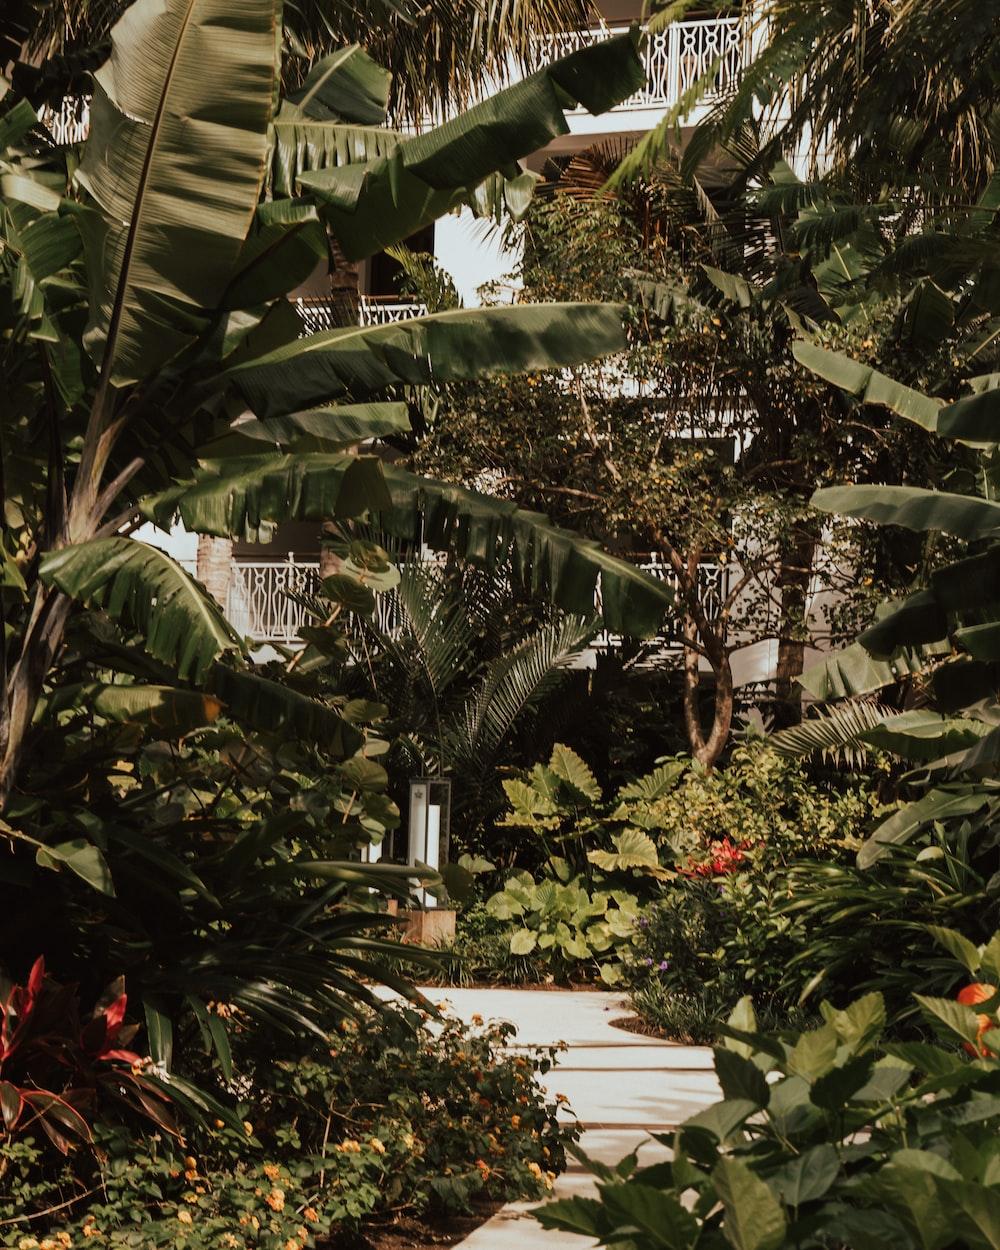 low angle photo of banana plants